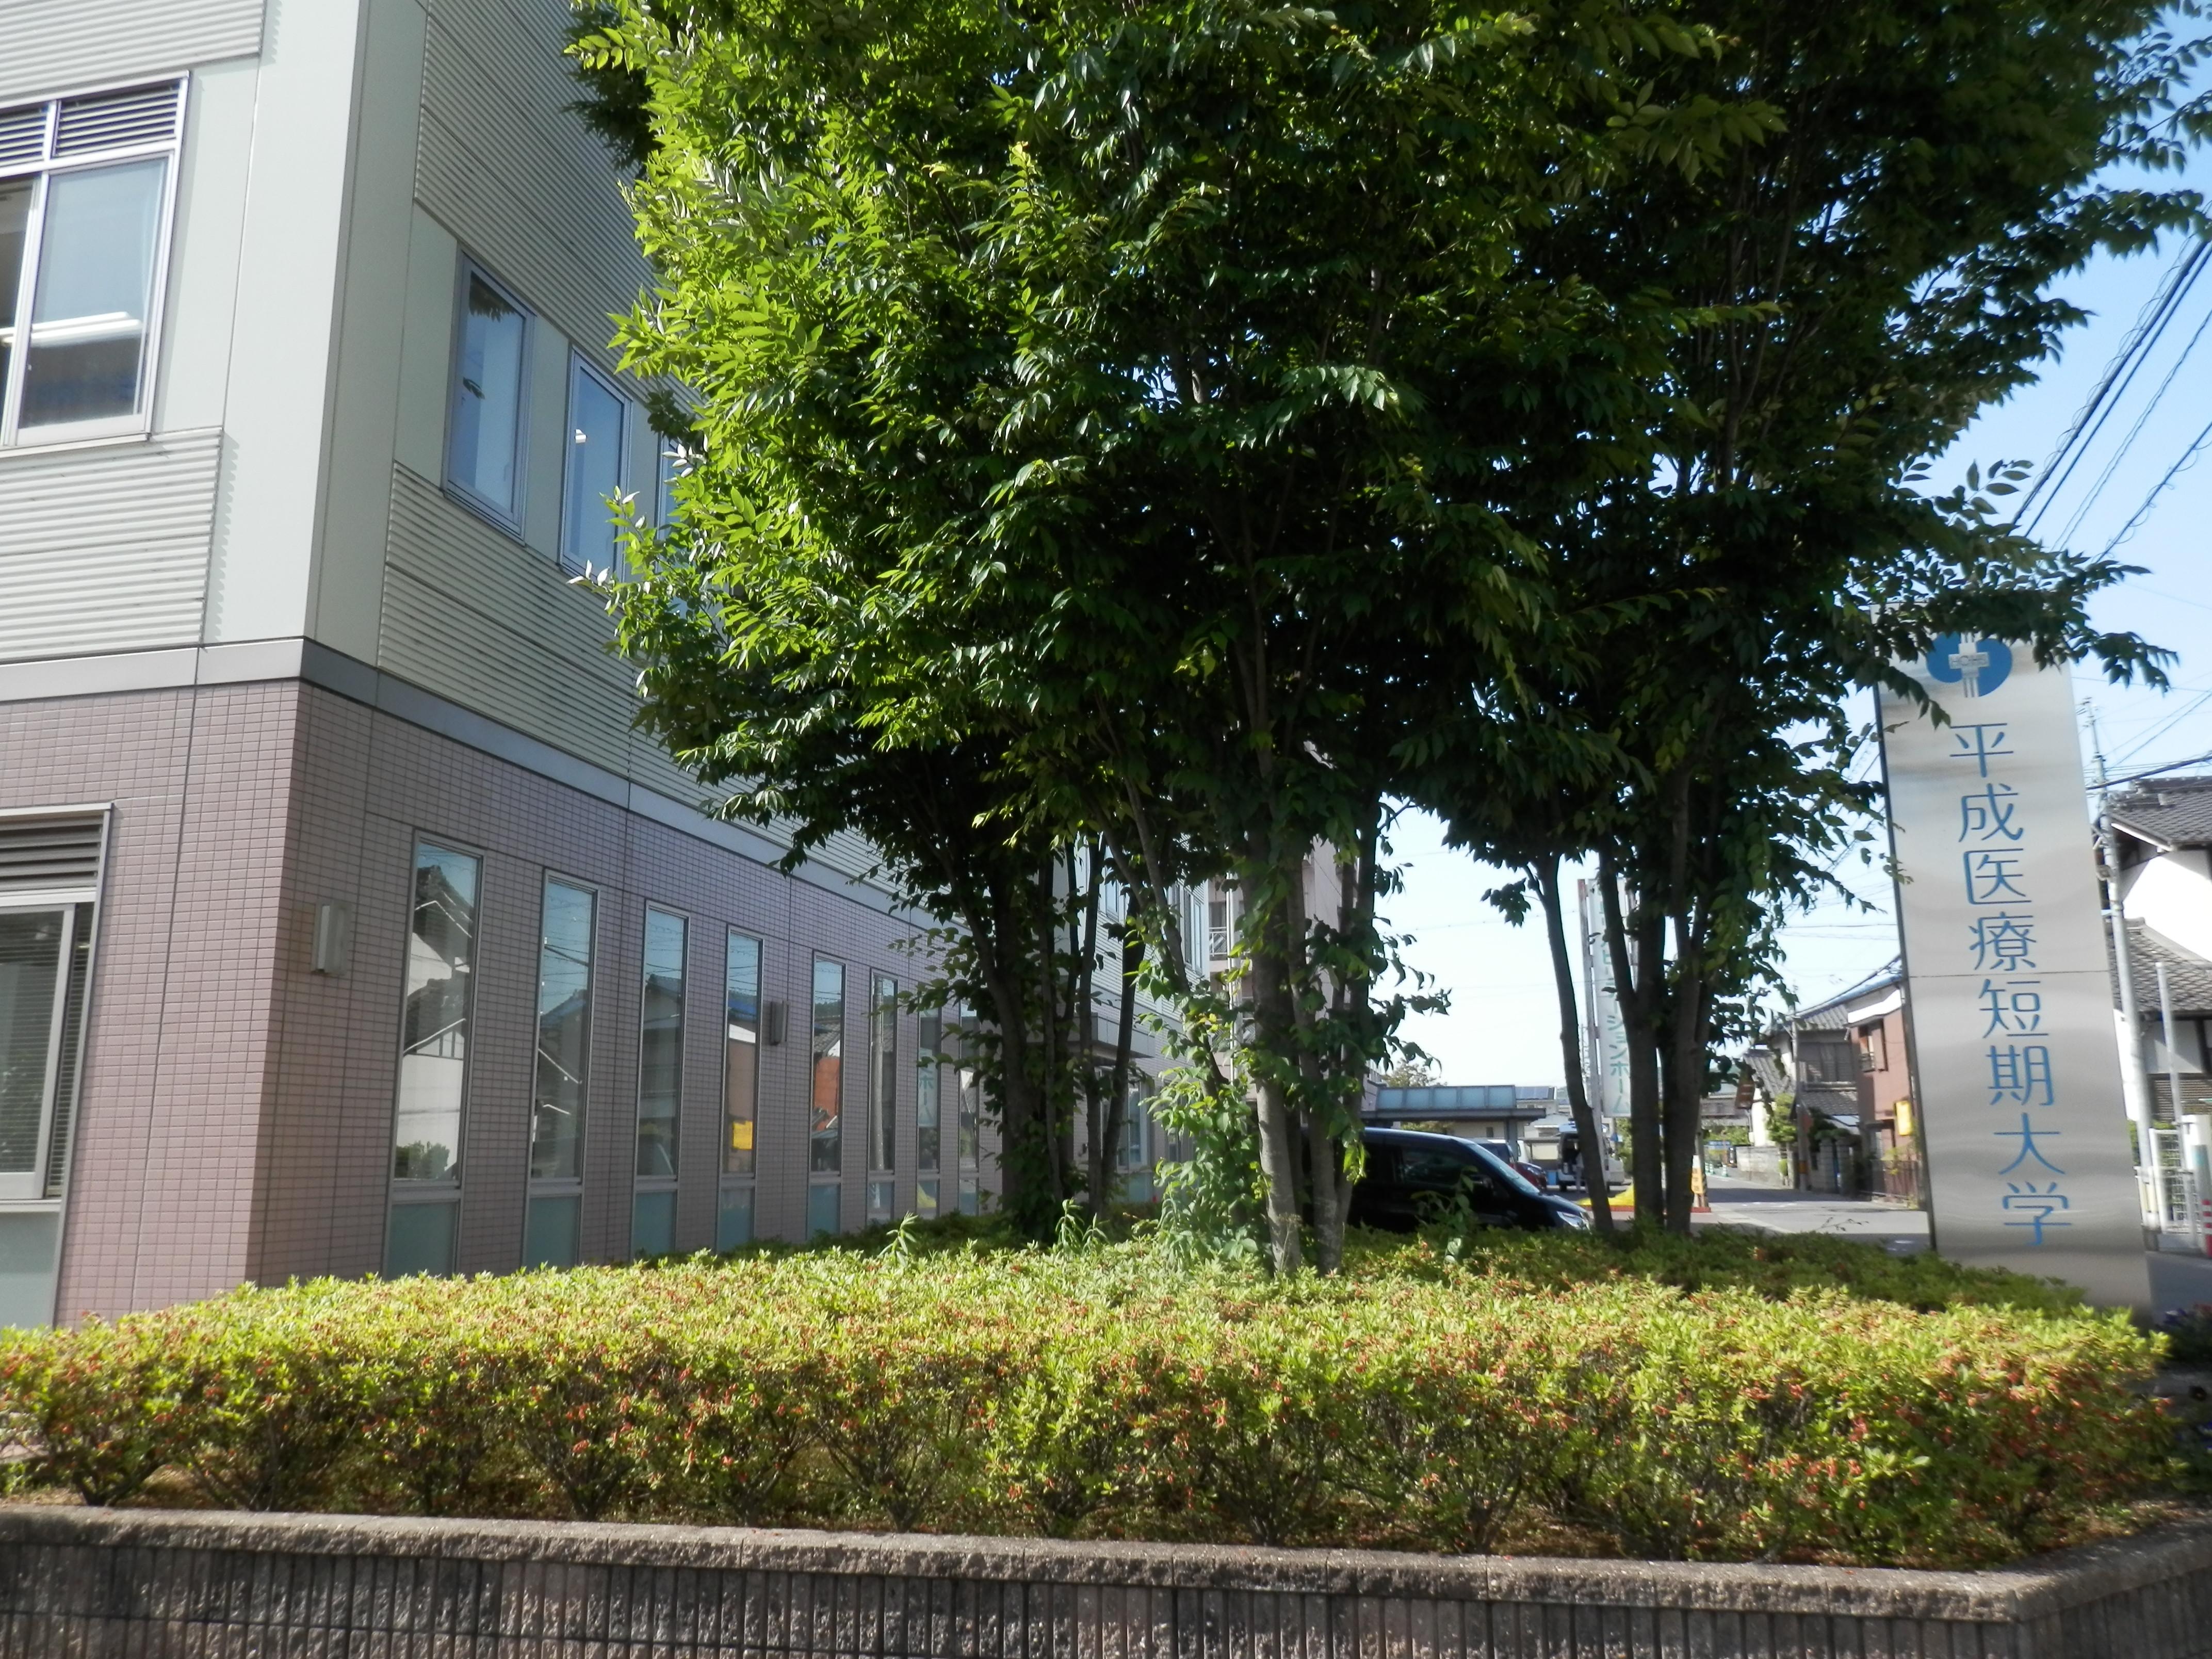 大学・短大:私立平成医療短期大学 733m 近隣